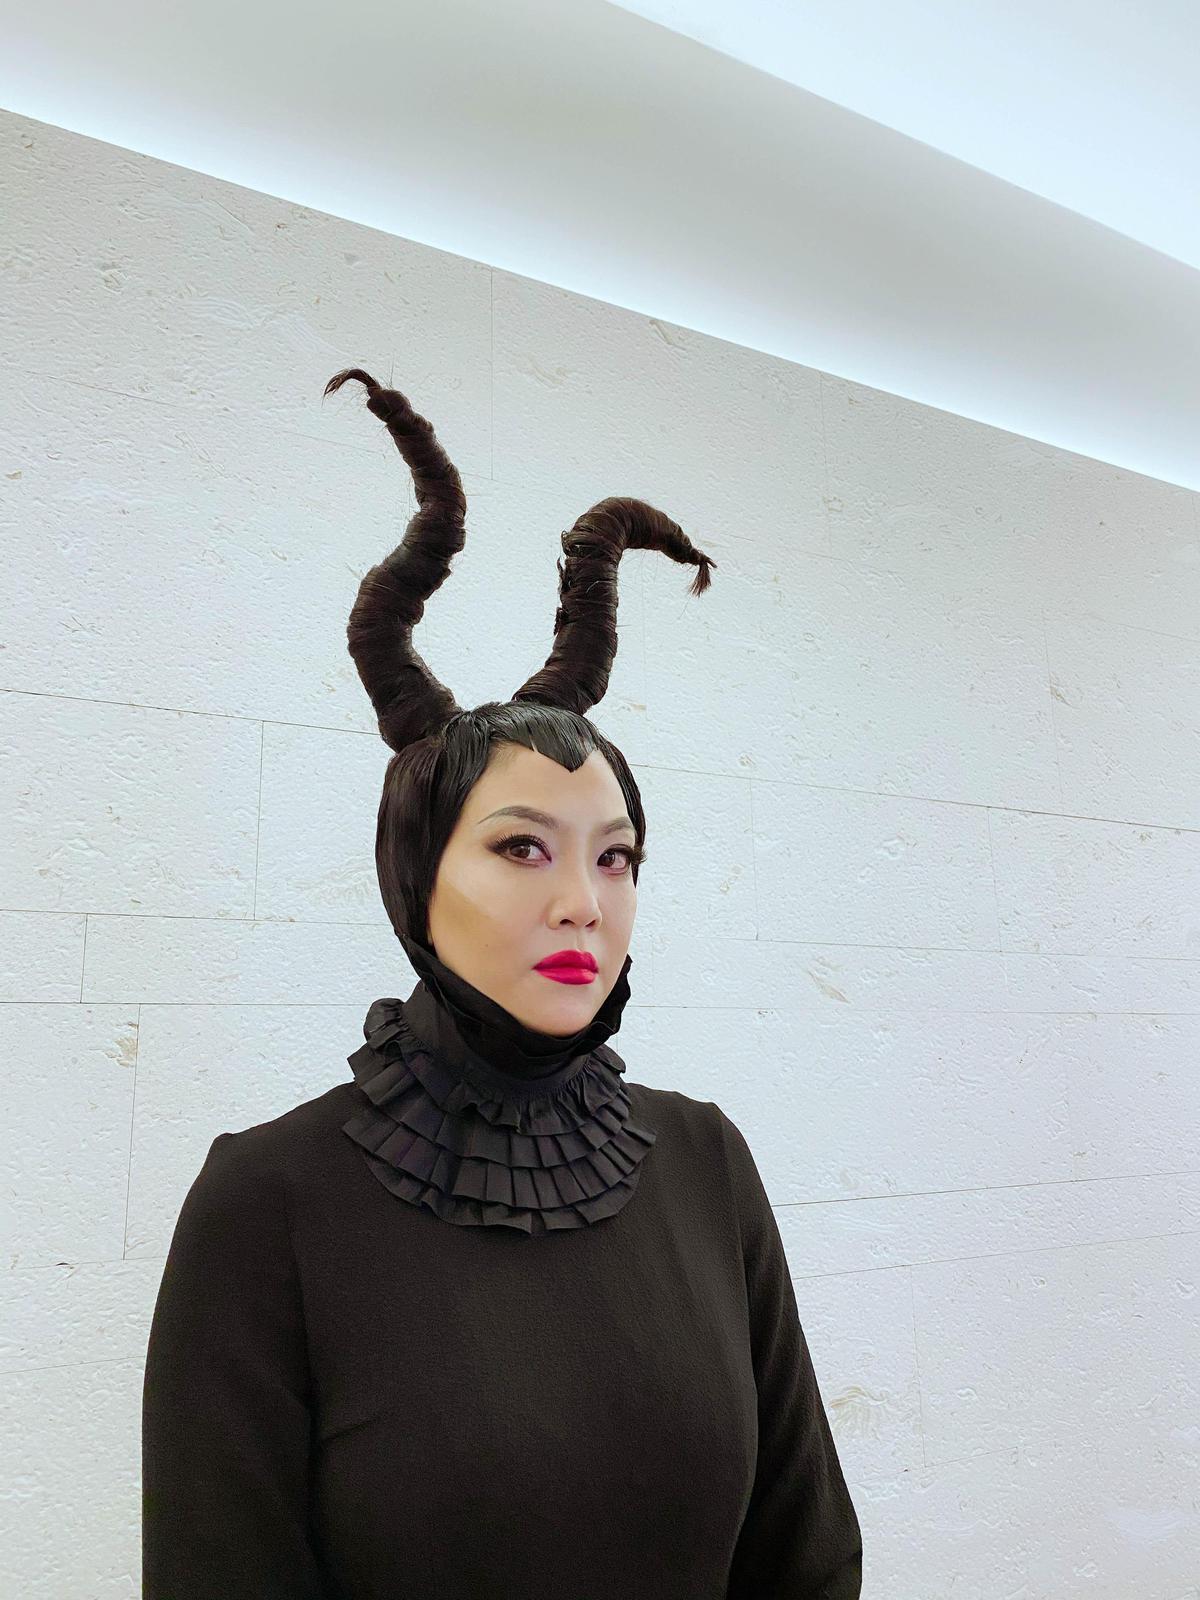 今日時逢萬聖節,吳依霖做特別企劃化身黑魔女。(喜鵲娛樂提供)